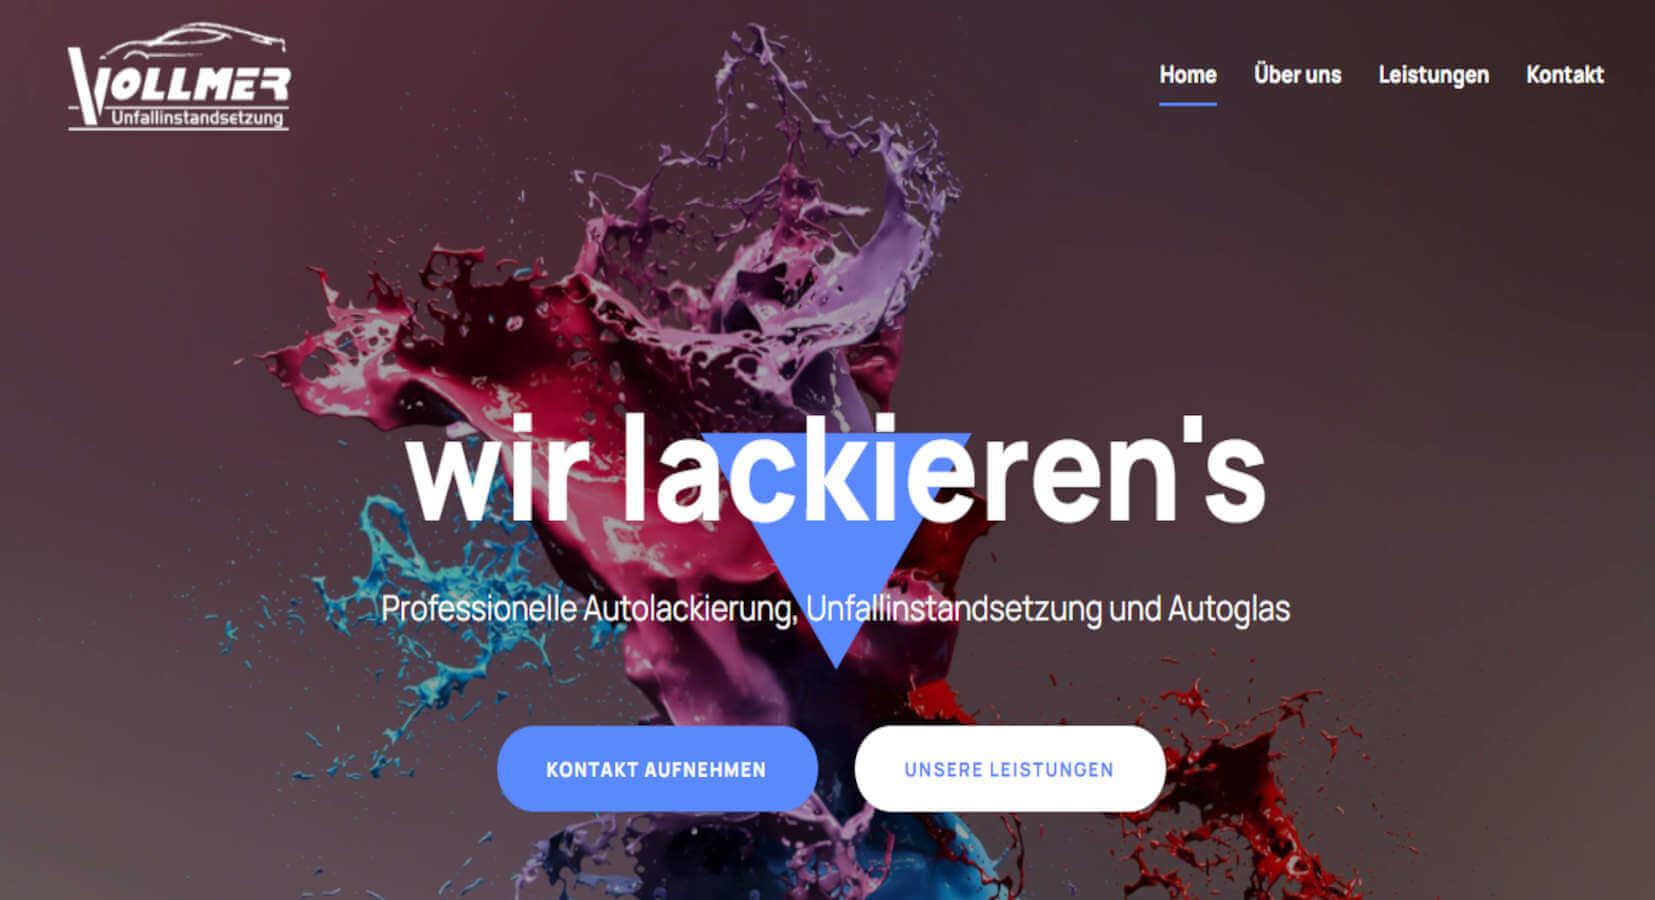 Vollmer GmbH